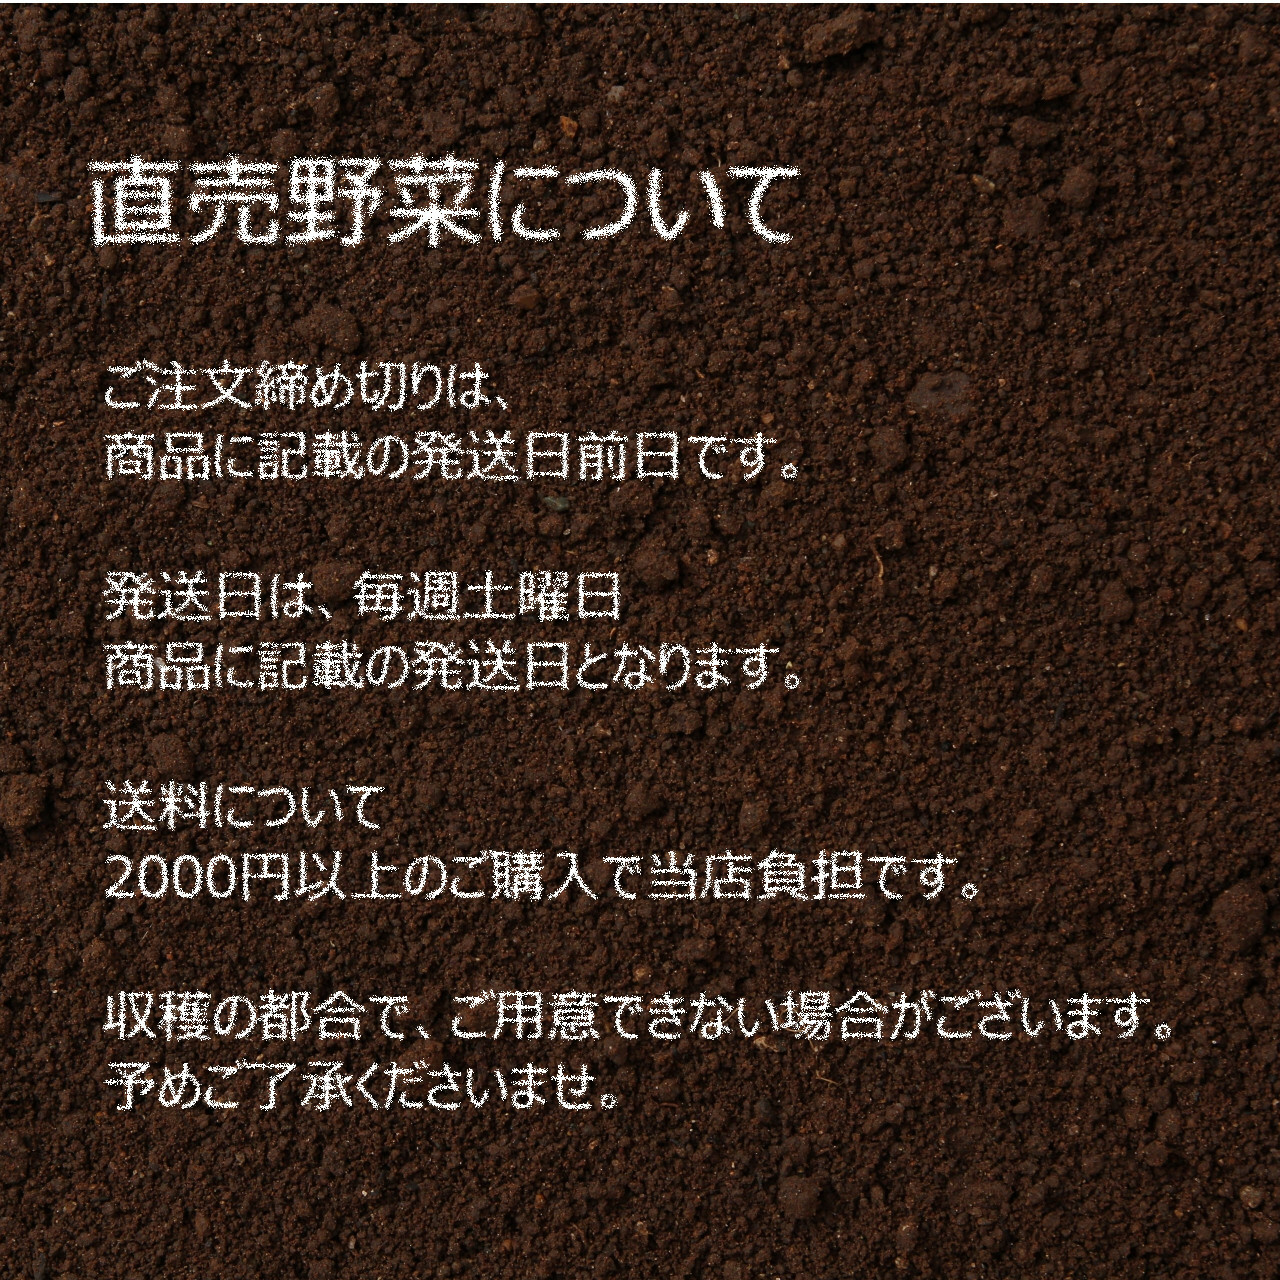 新鮮夏野菜 : インゲン 約150g 8月の朝採り直売野菜 8月29日発送予定